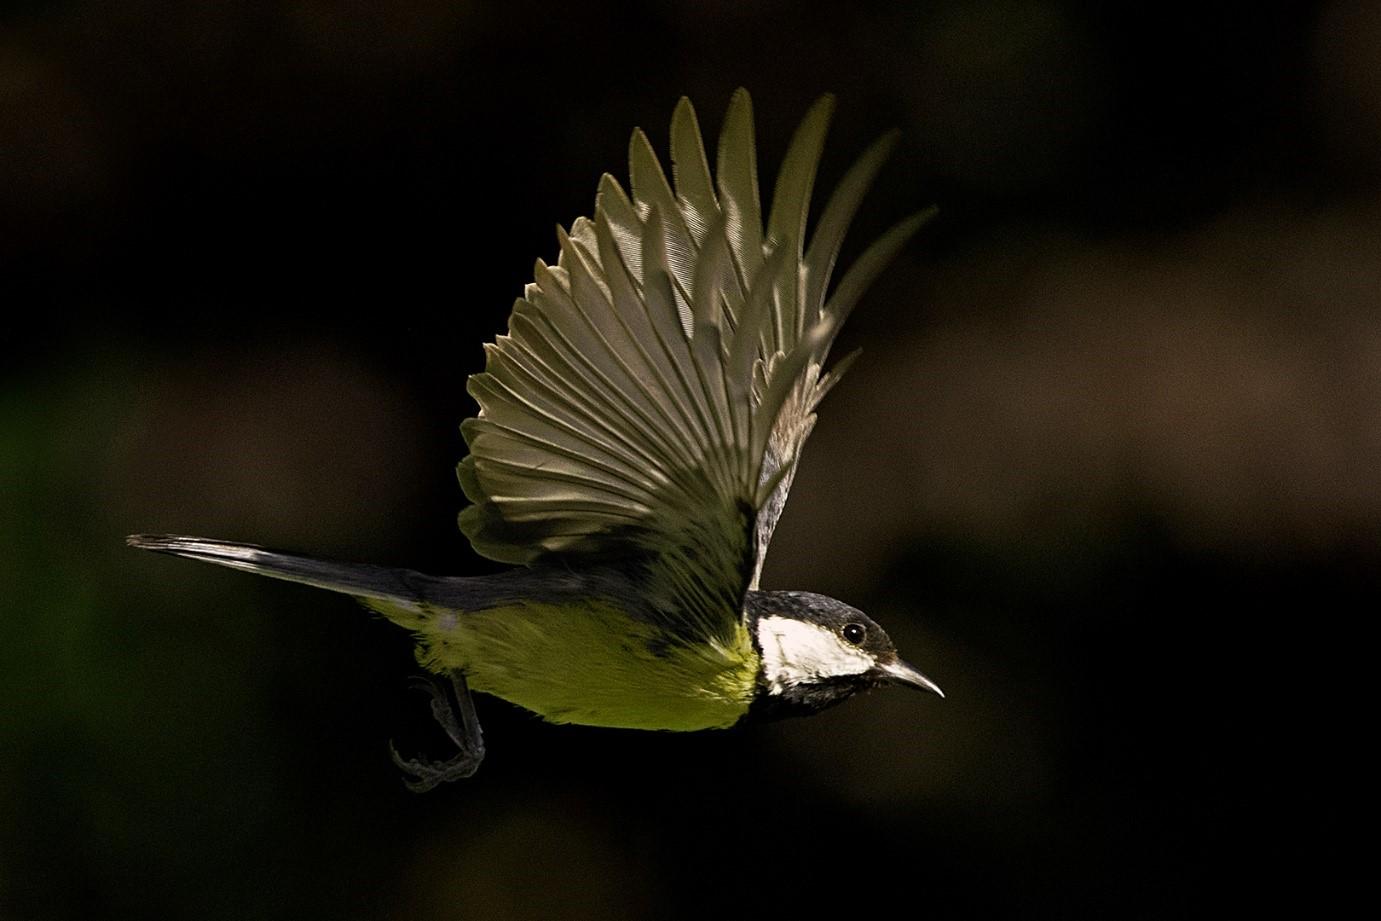 Technisch verfijnde buiten fotografie van een vliegende Koolmees - Foto: ©Ton Heekelaar.